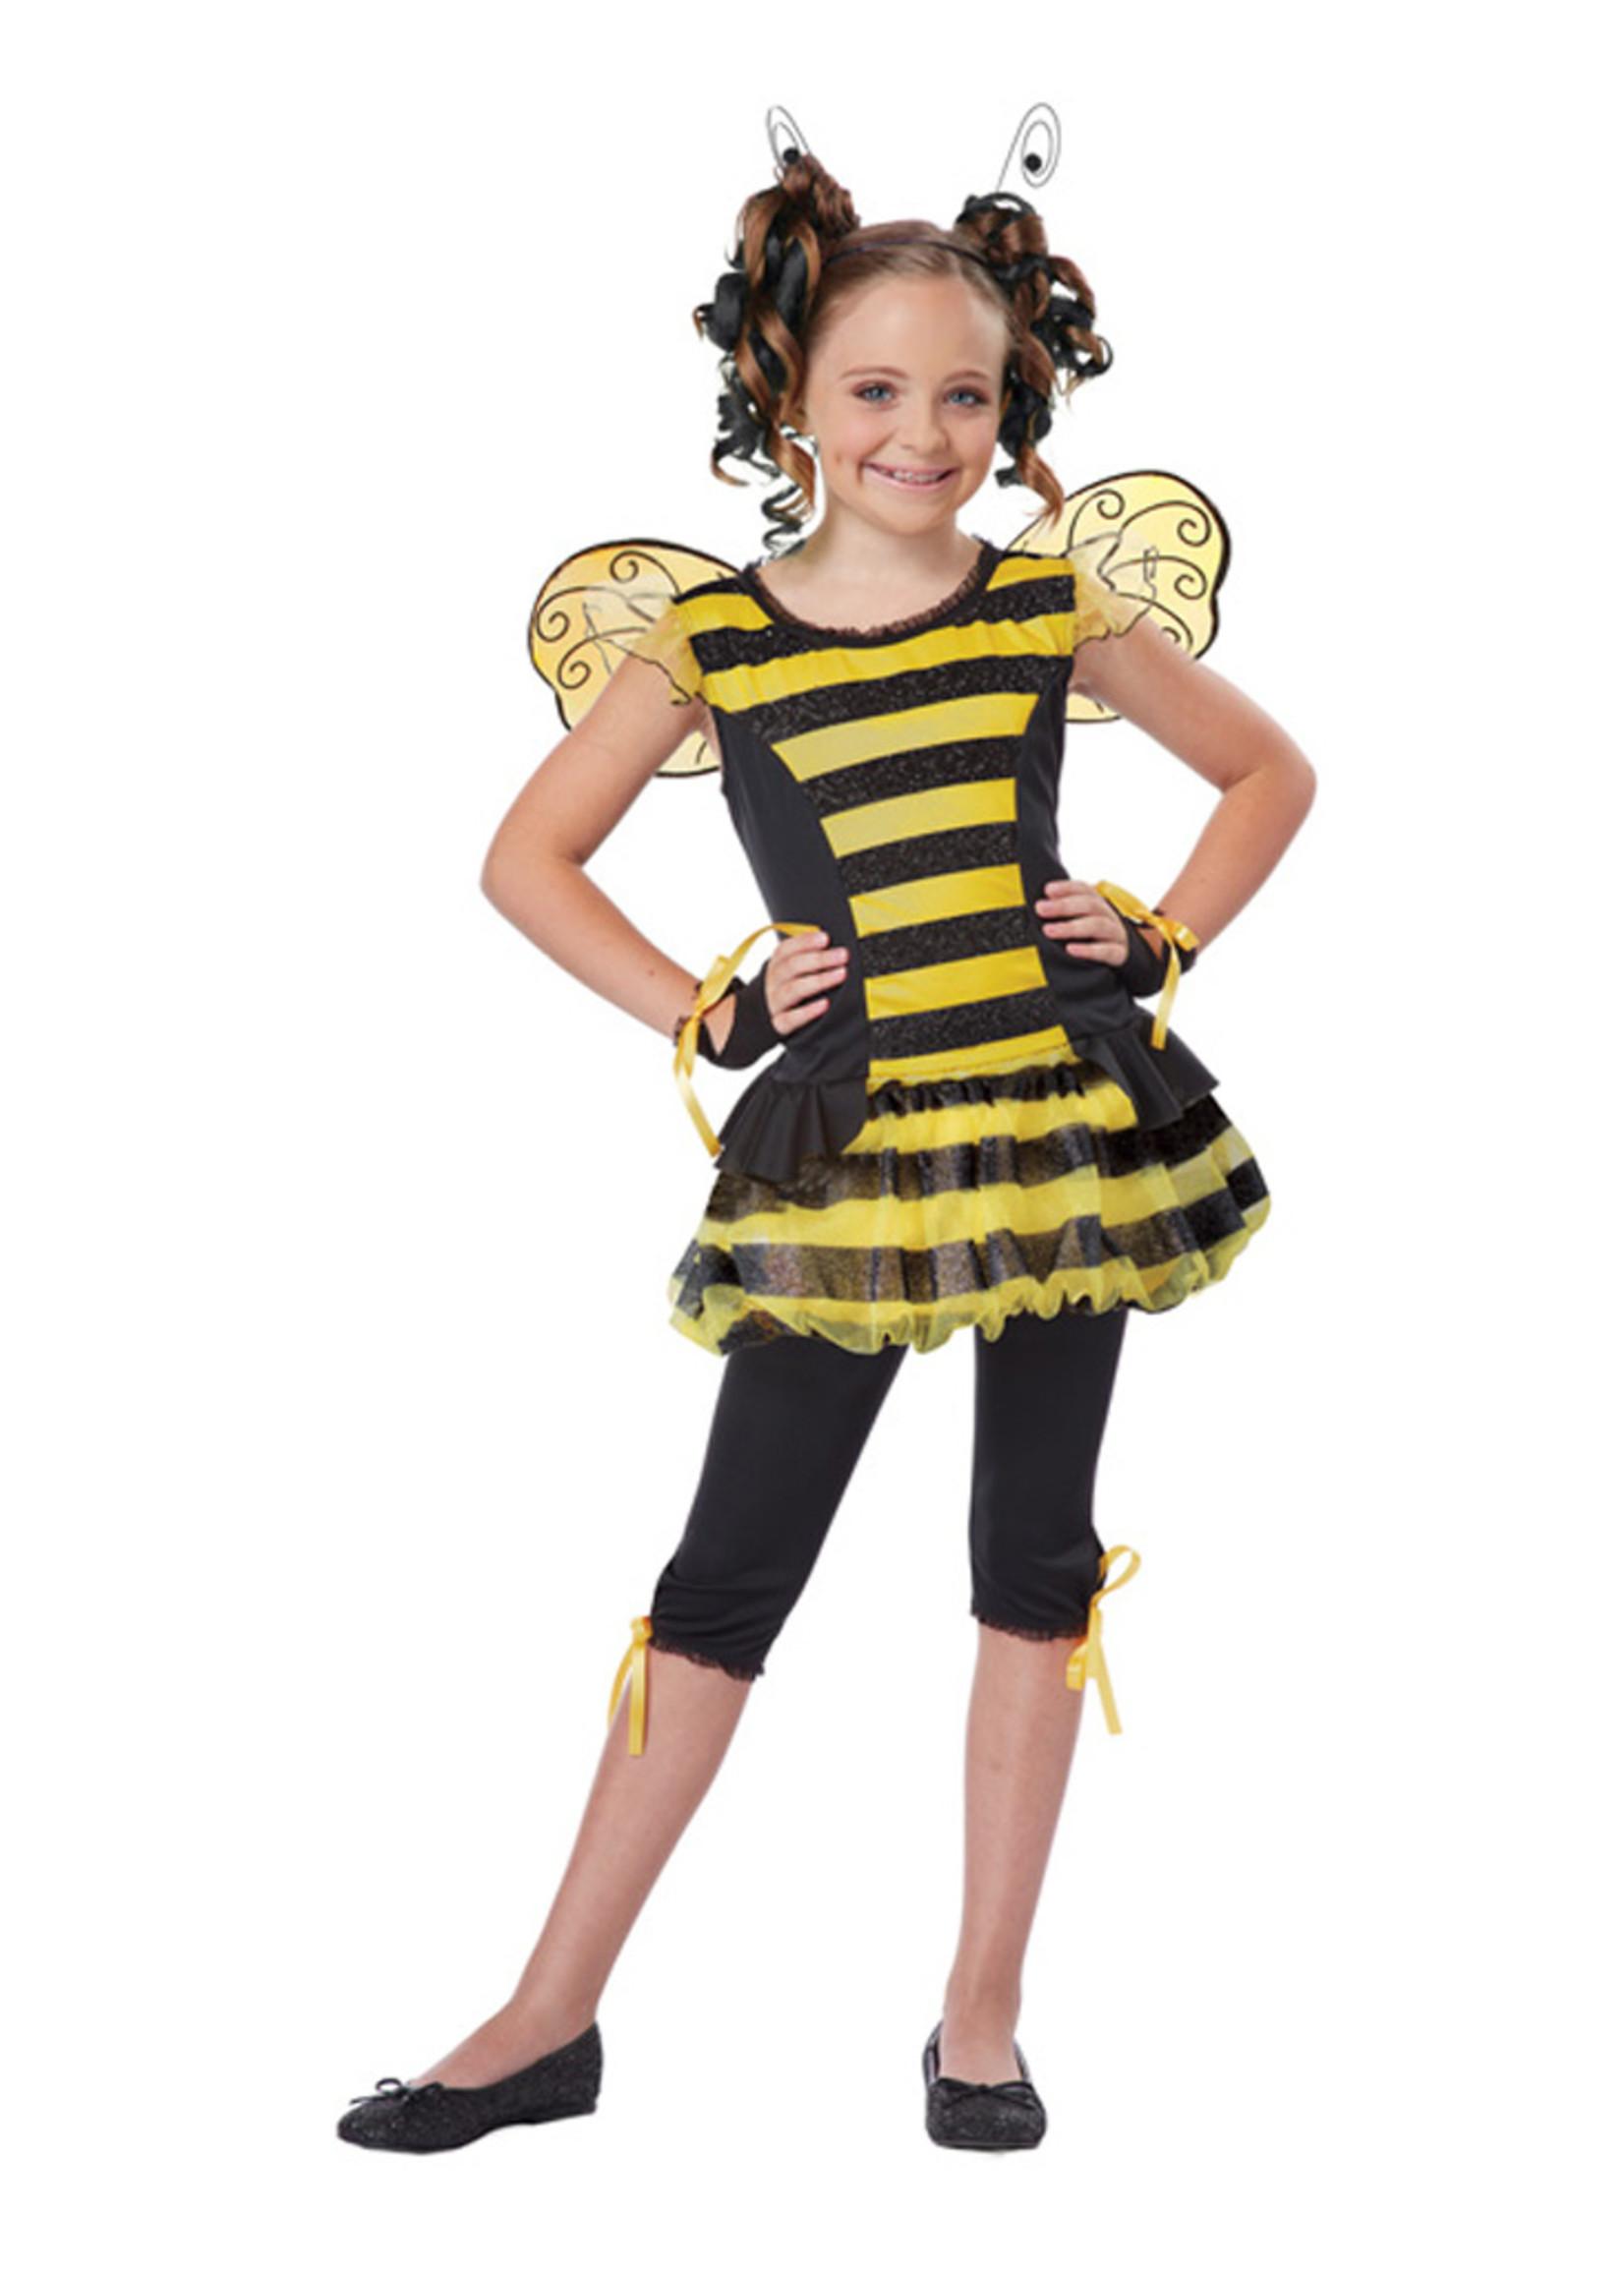 Buzzin' Around Costume - Girls